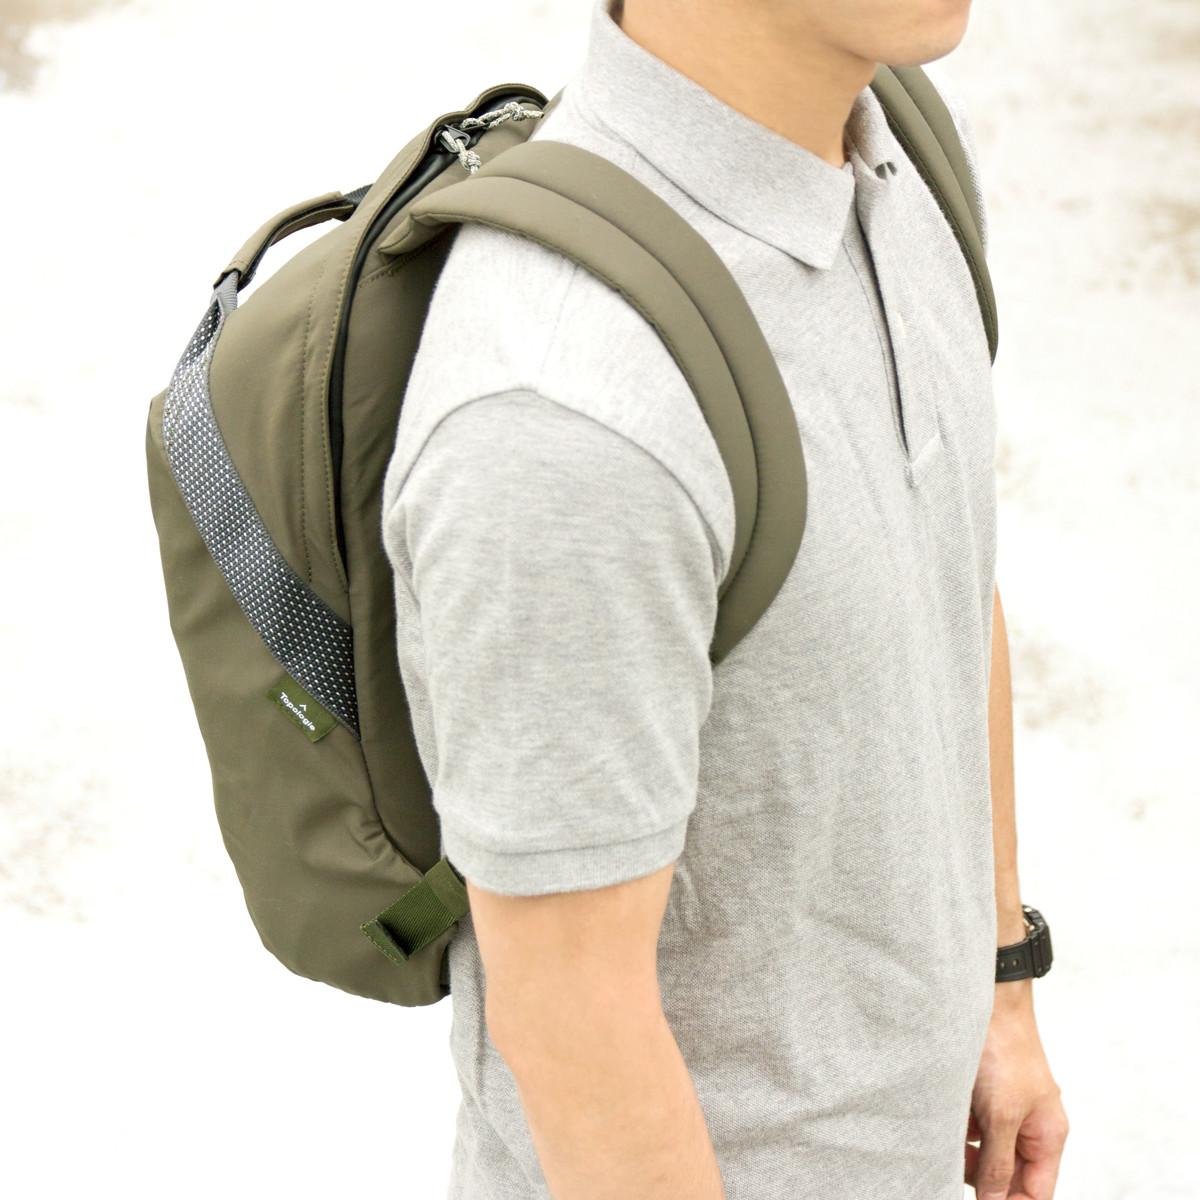 岩への挑戦から生まれた『街バッグ』 超軽量、動きやすい、荷重を分散、ミニマムデザイン